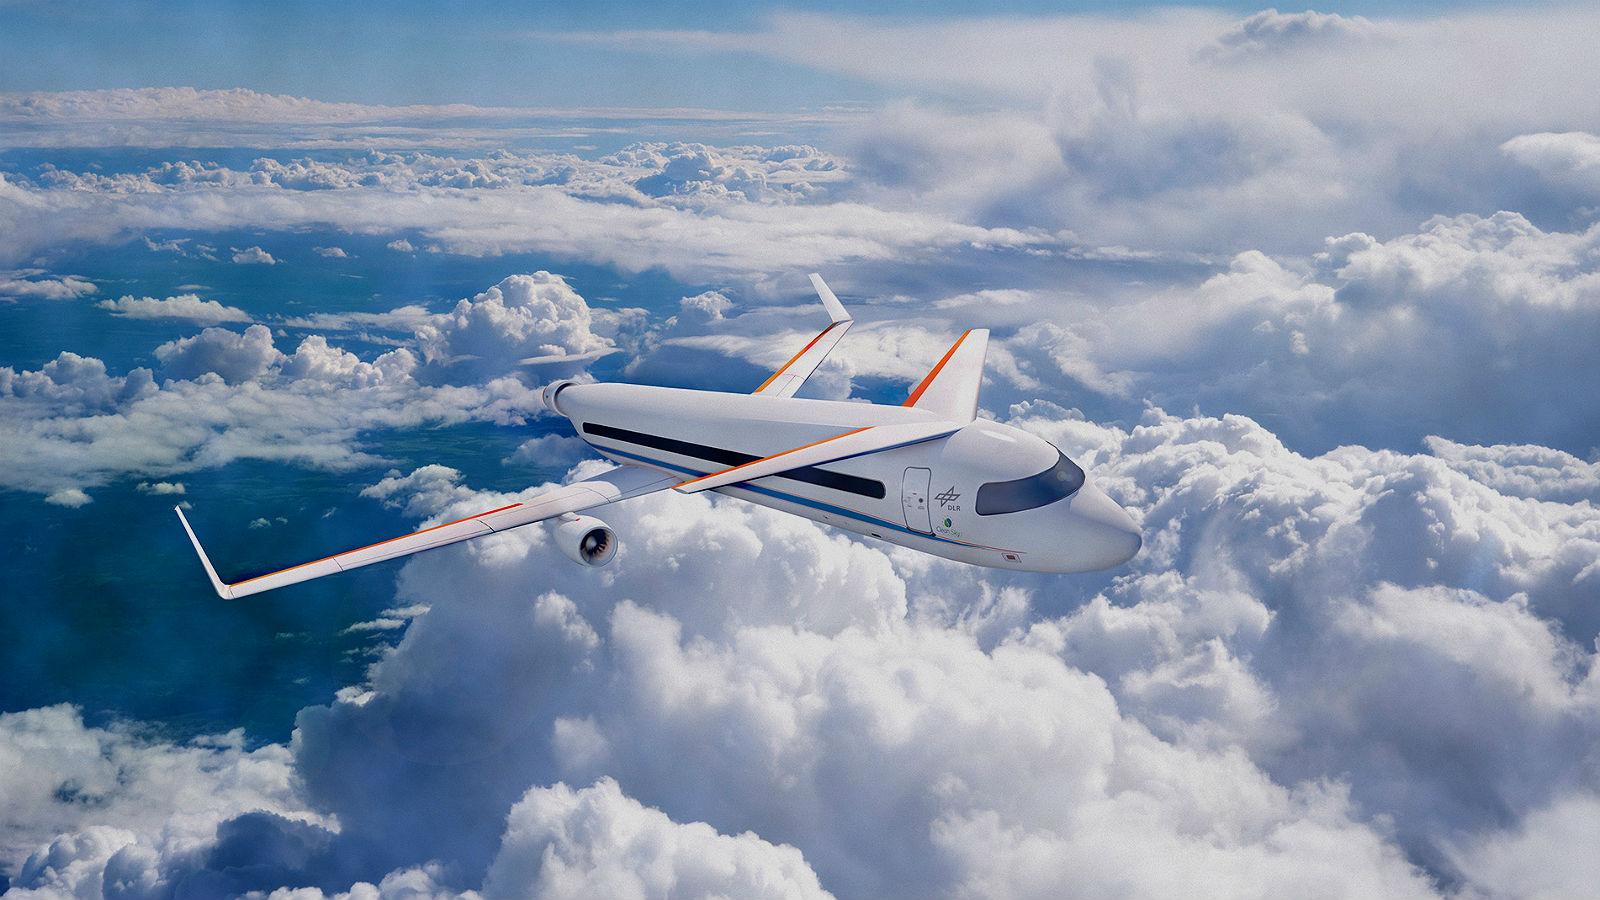 So wie in dieser Illustration könnte ein zukünftiges Flugzeug aussehen, das mit einem elektrischen Antrieb ausgestattet ist. Bild: DLR